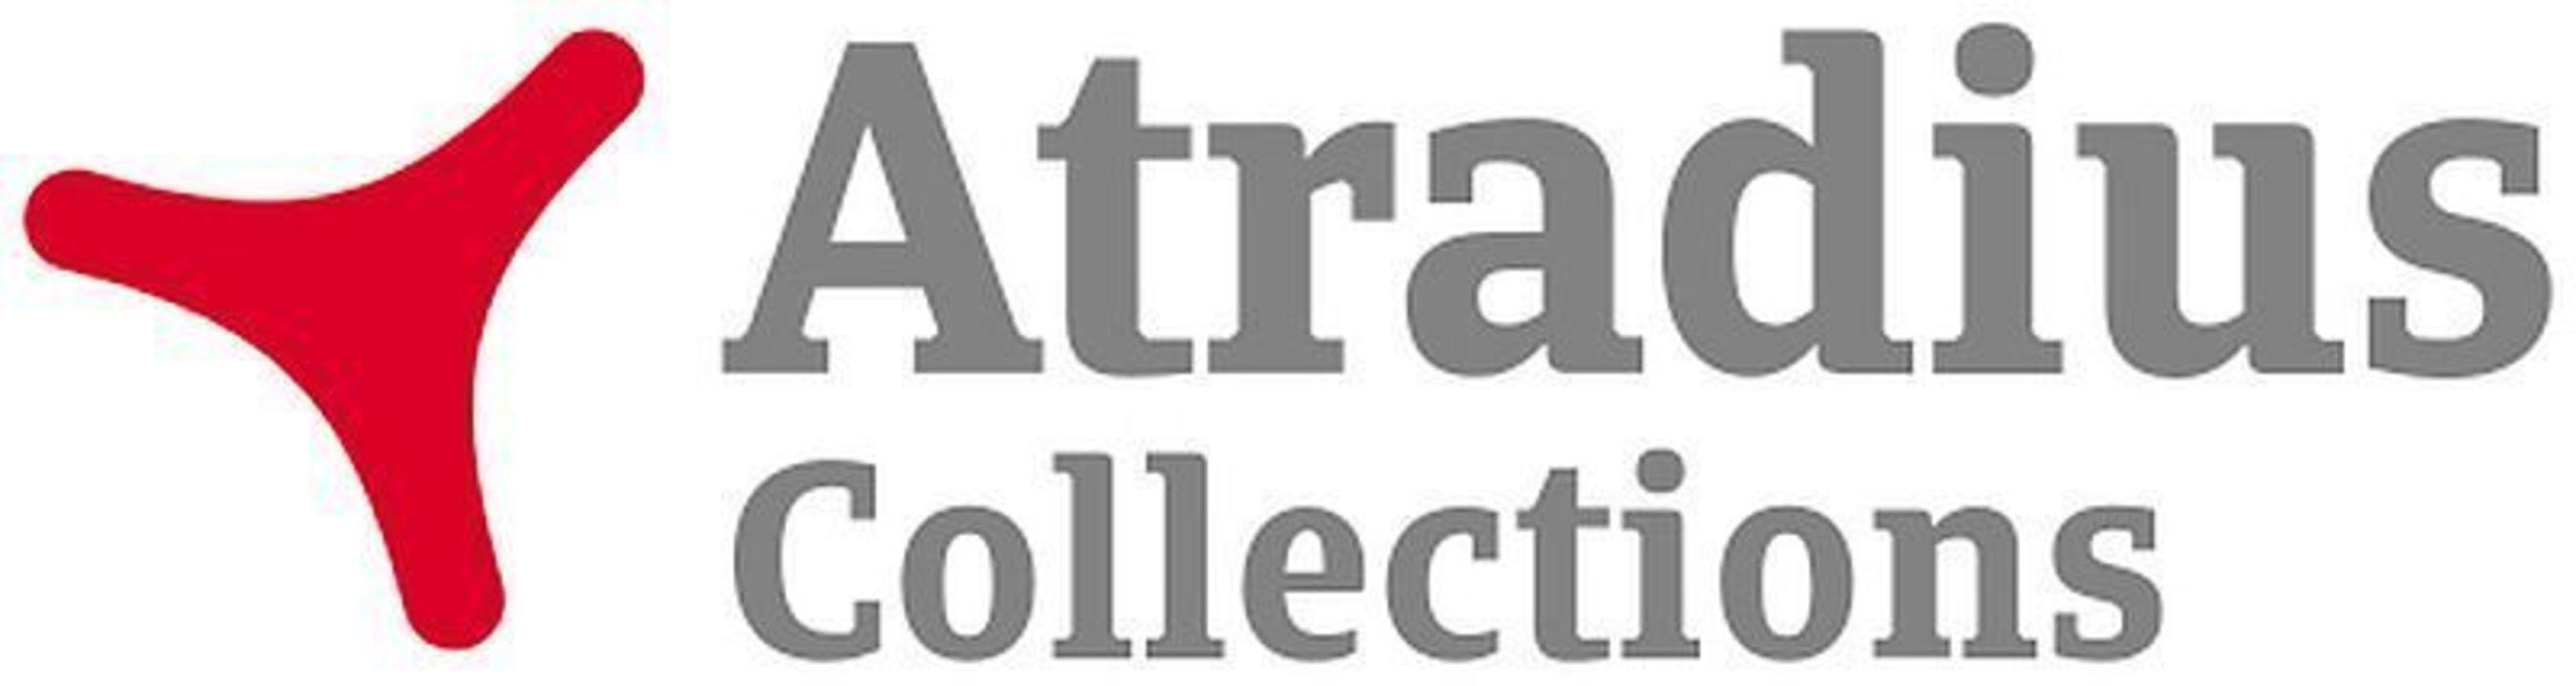 Atradius Collections logo (PRNewsFoto/Atradius)